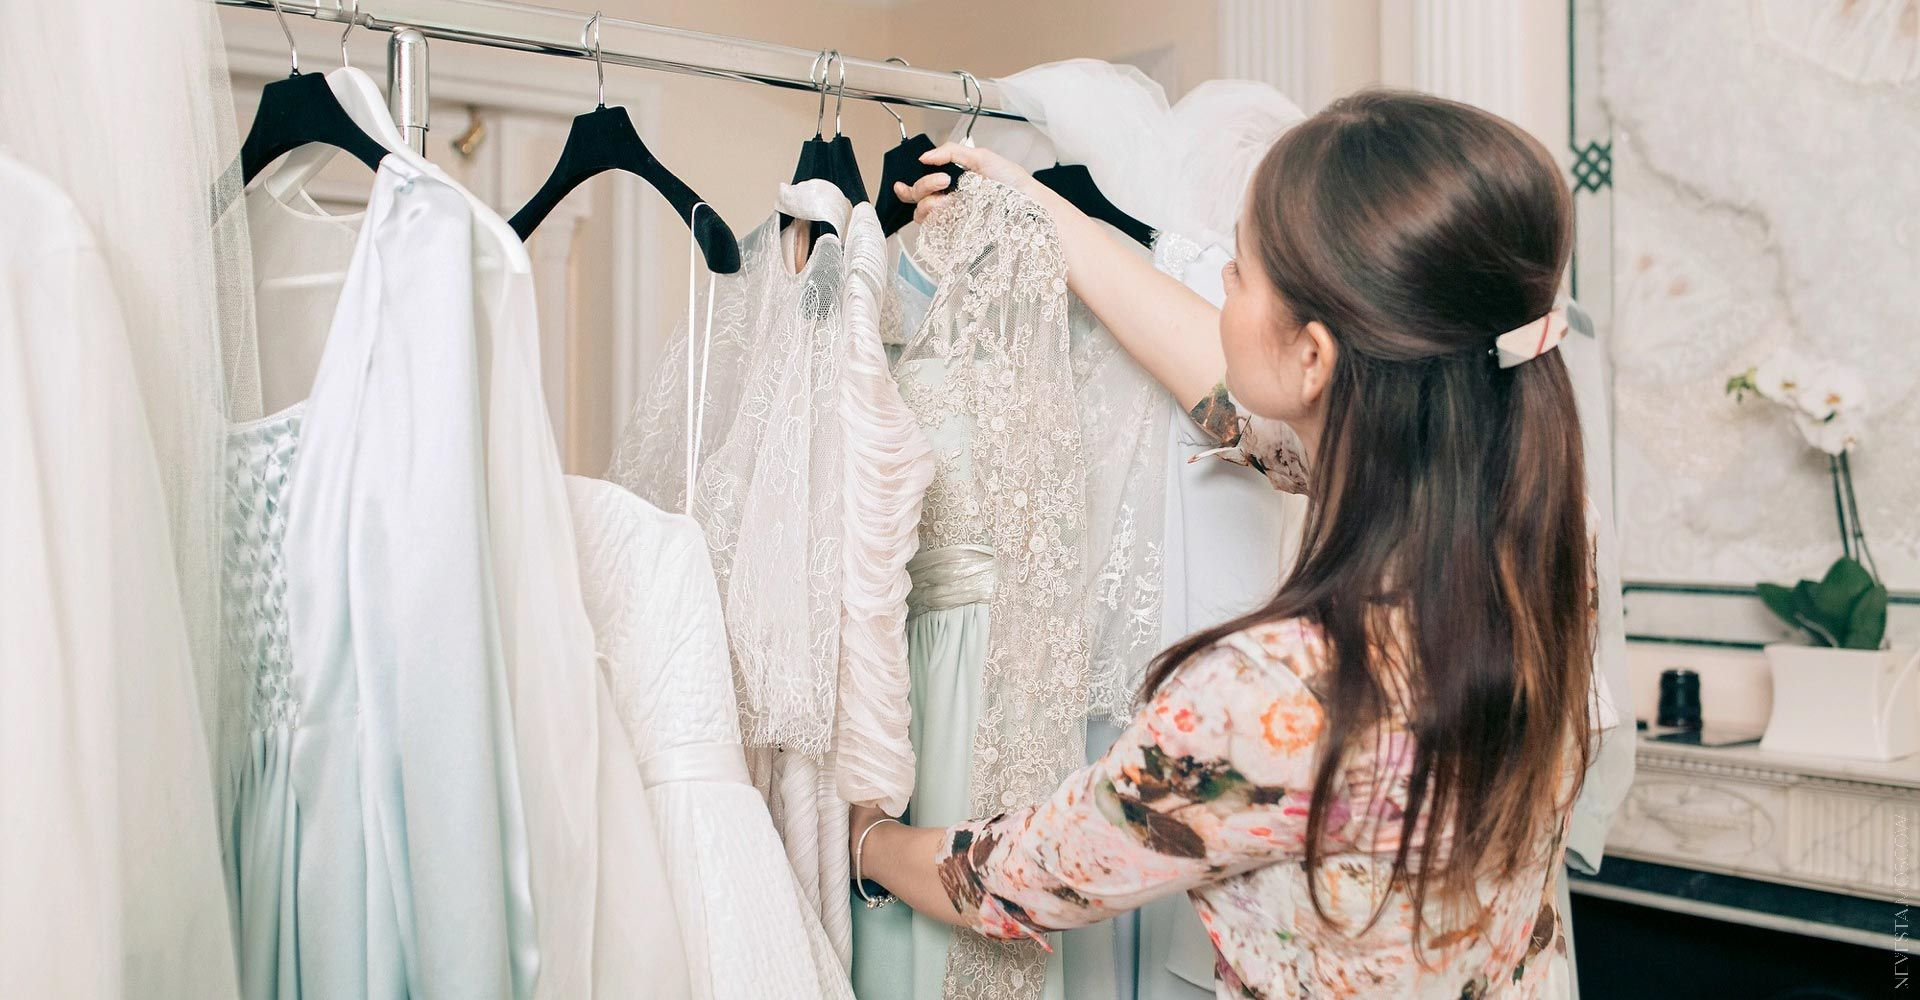 Мария Лесовая примеряет платье